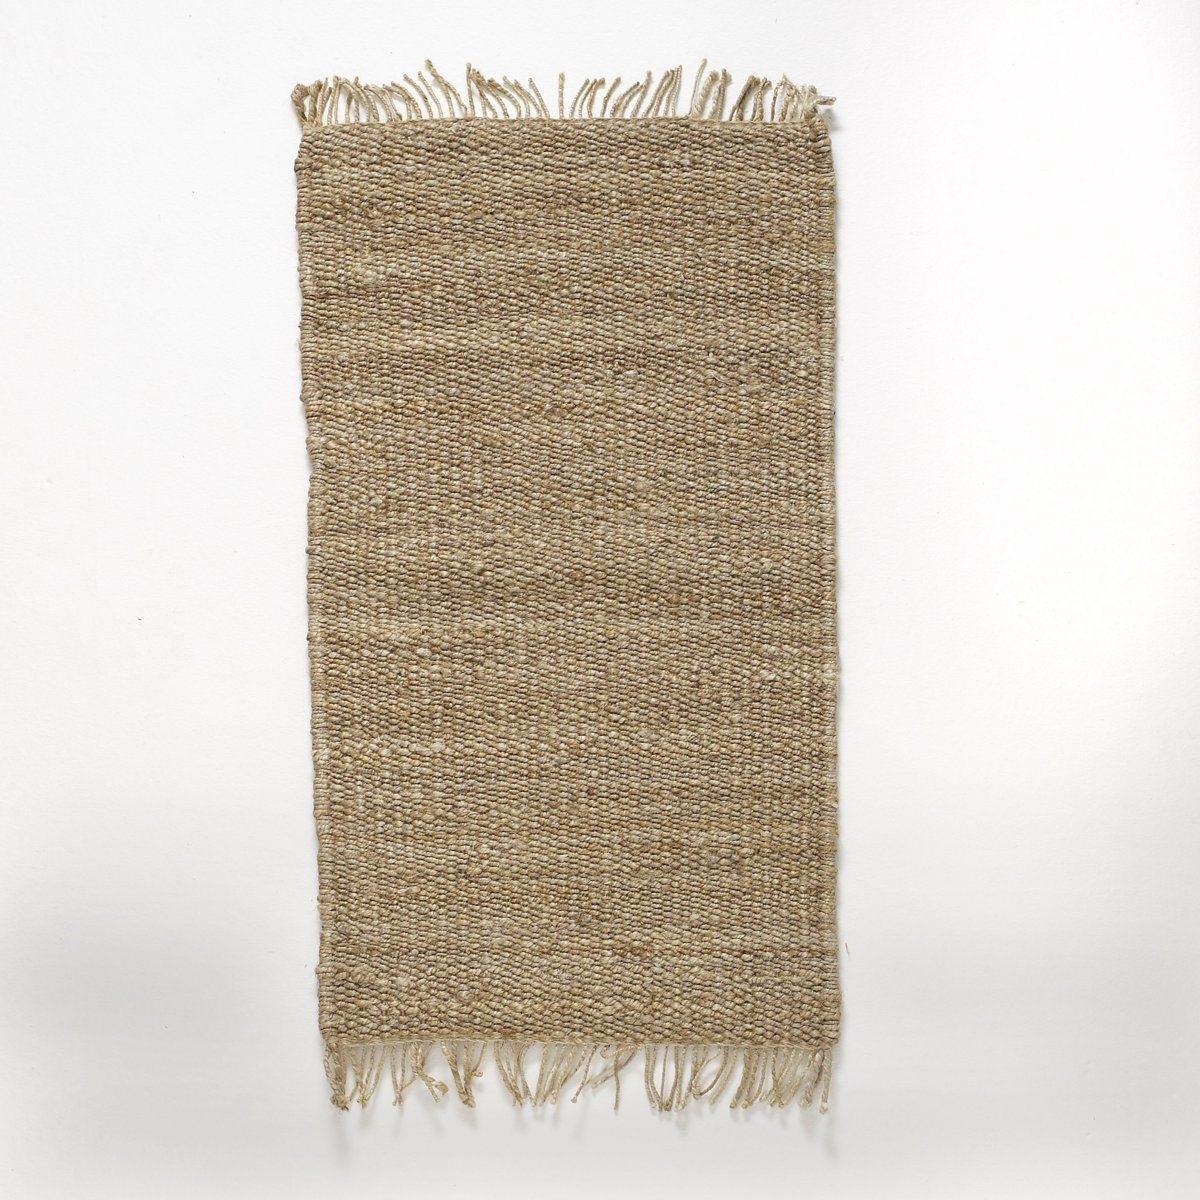 Прикроватный коврик, из джута, AjanПрикроватный коврик из джута Ajan. Выбирайте 100% натуральную тенденцию прикроватного коврика Ajan и придайте оригинальность вашему интерьеру.Характеристики прикроватного коврика Ajan :100% джута естественного оттенка.Отделка бахромой.Откройте для себя ковер Ajan и другие ковры на сайте laredoute.ru.Размеры прикроватного коврика Ajan :Ширина : 60 смДлина : 110 см<br><br>Цвет: бежевый